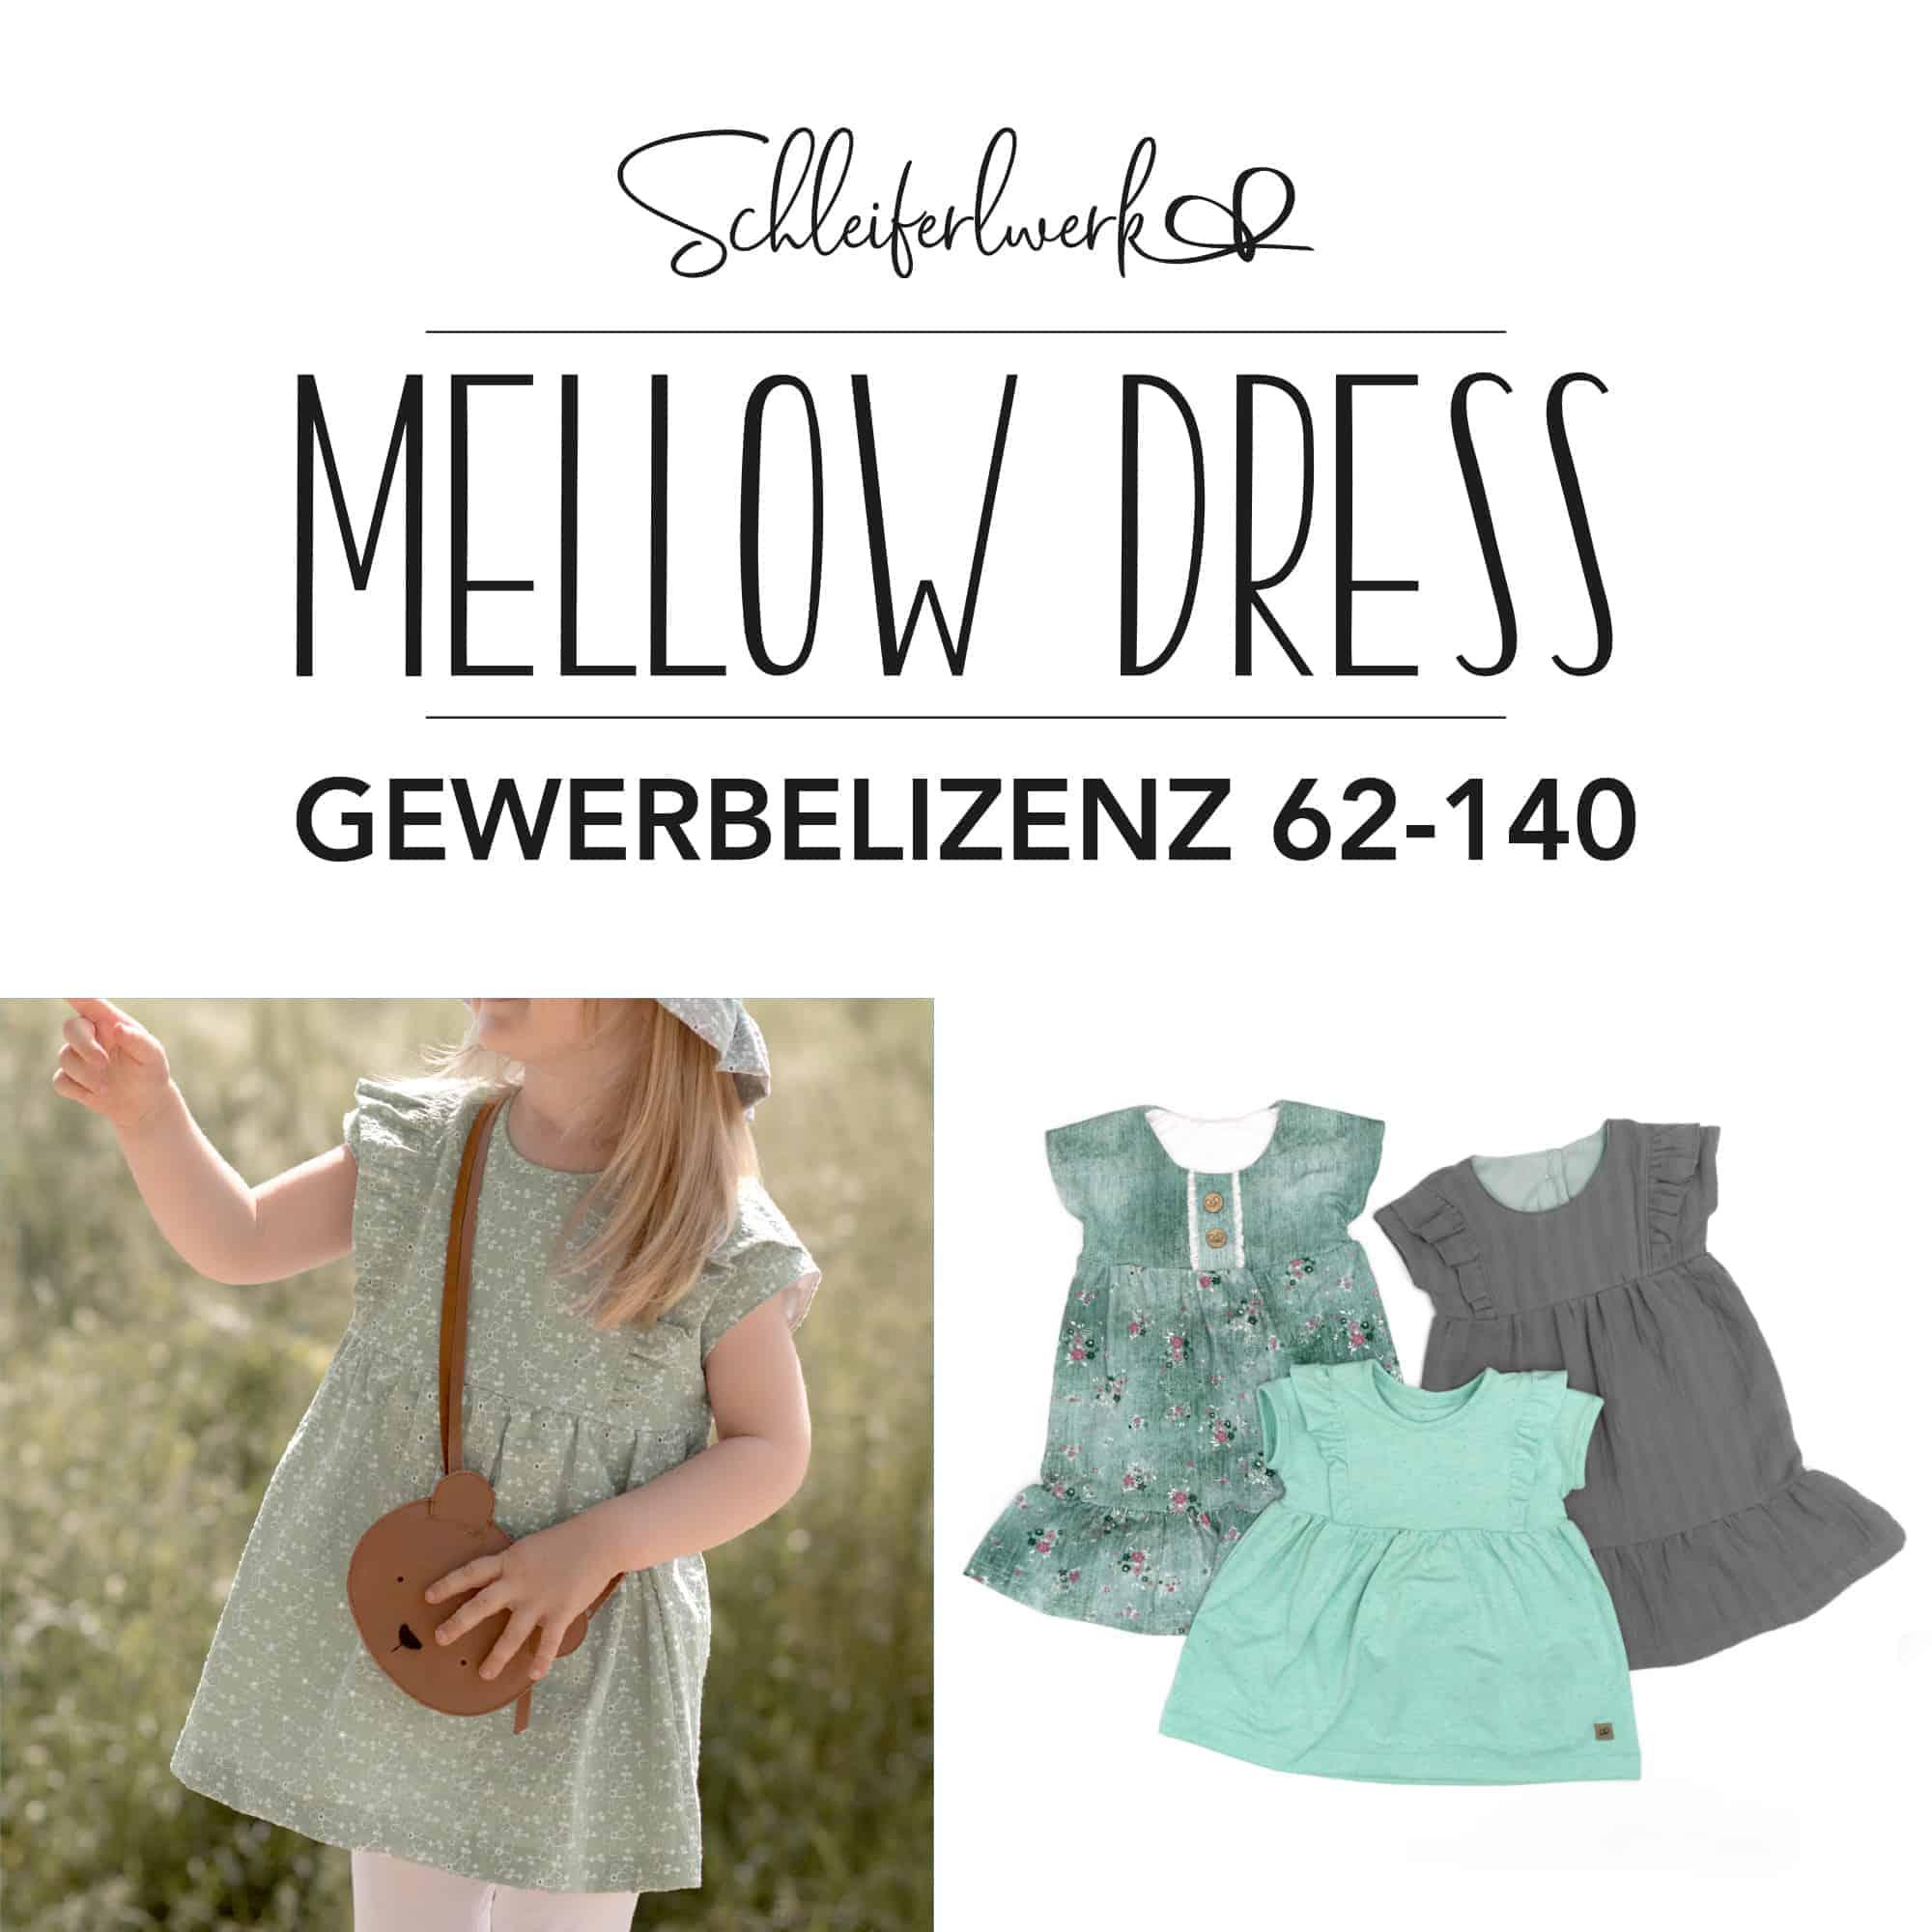 Titelbild-Mellow-Dress-Gewerbelizenz